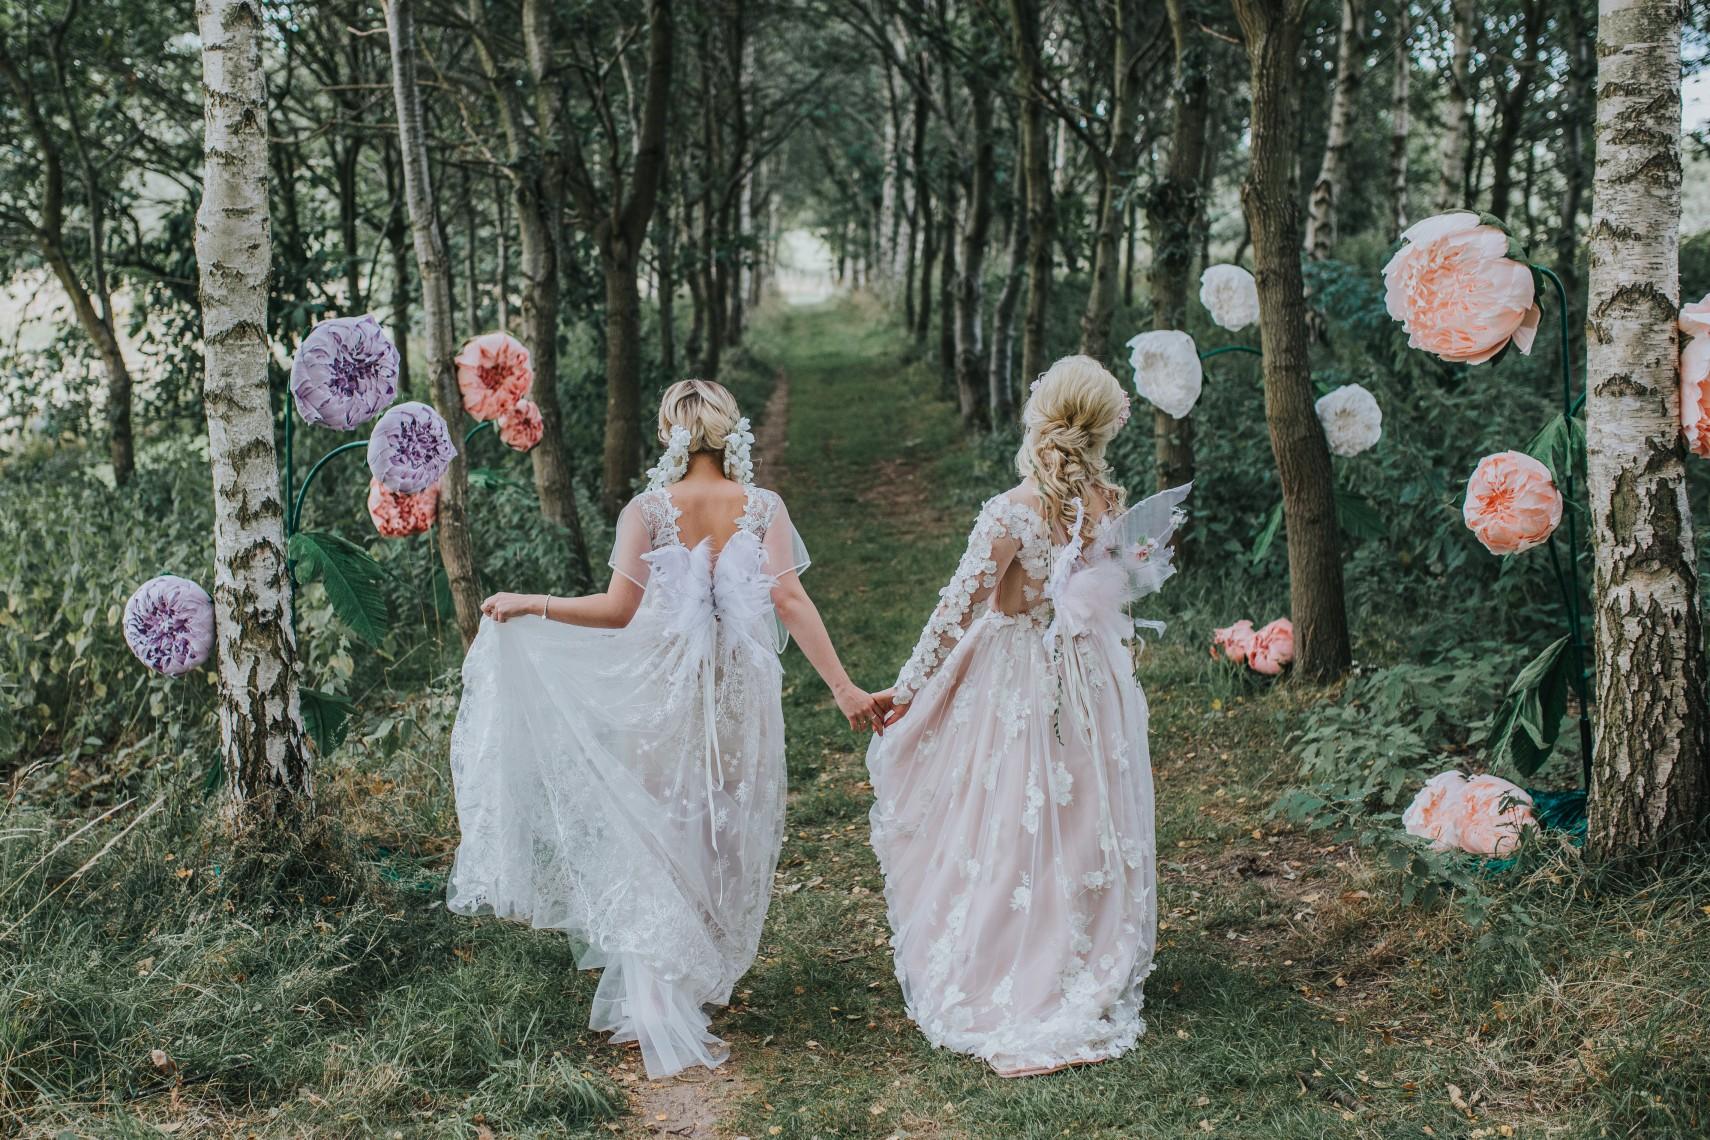 fairy wedding - whimsical wedding - magical wedding - elegant wedding dress - woodland wedding decor - forest wedding - wedding paper flowers